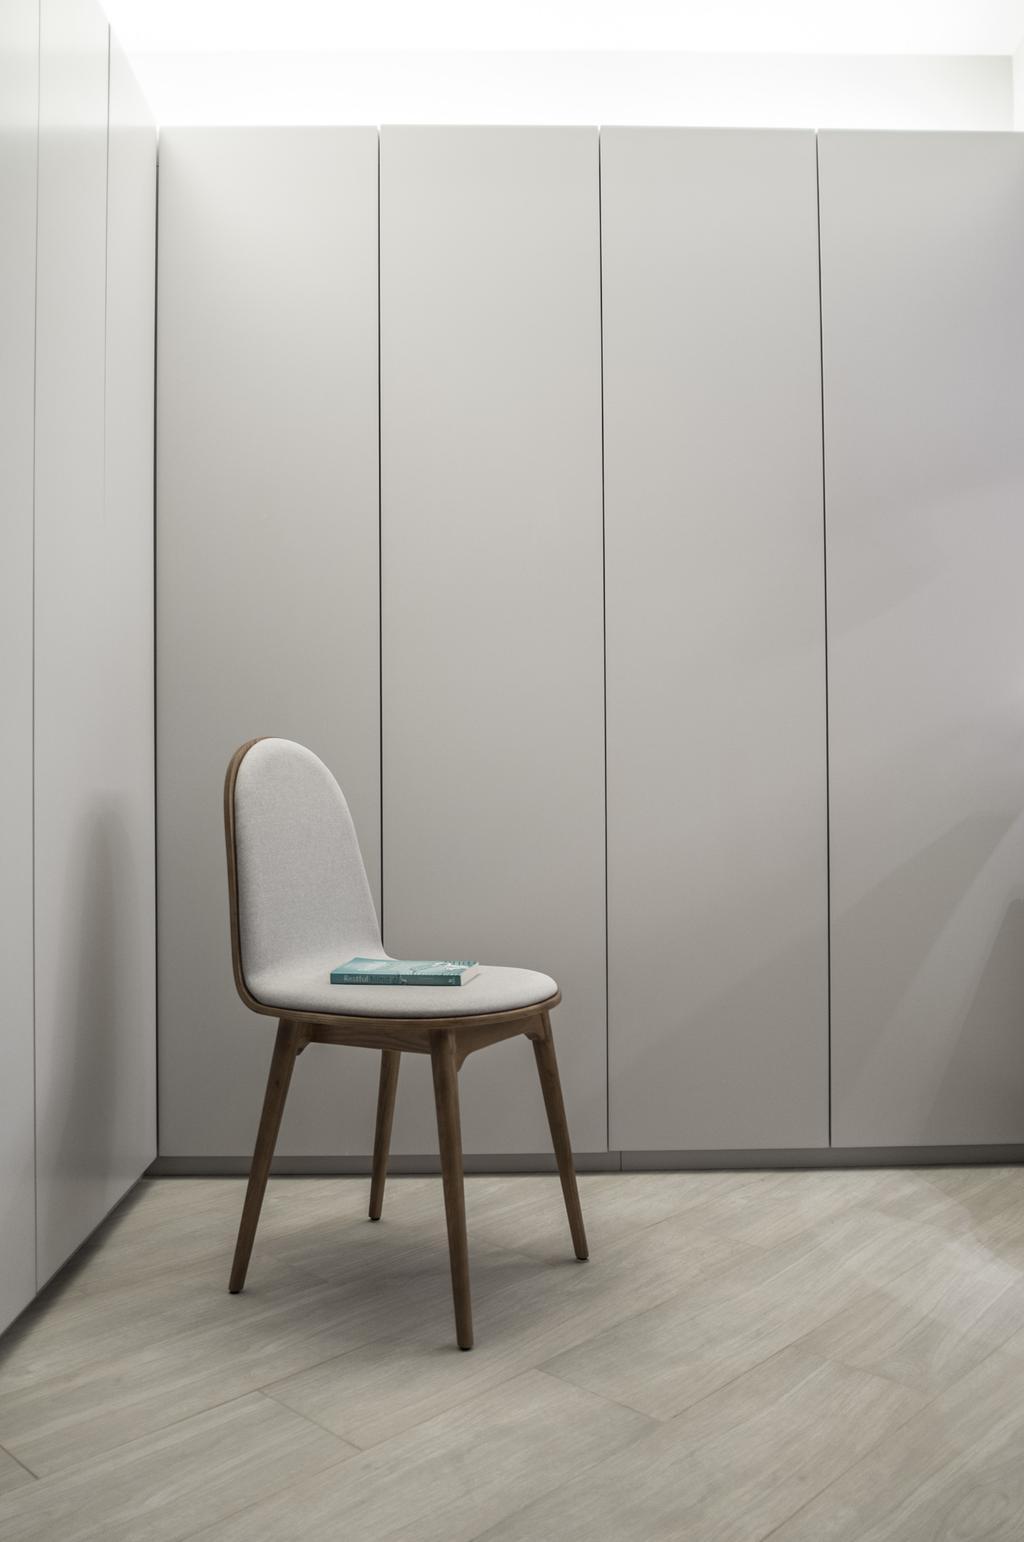 摩登, 私家樓, 海逸豪園, 室內設計師, Zinc Studio, Chair, Furniture